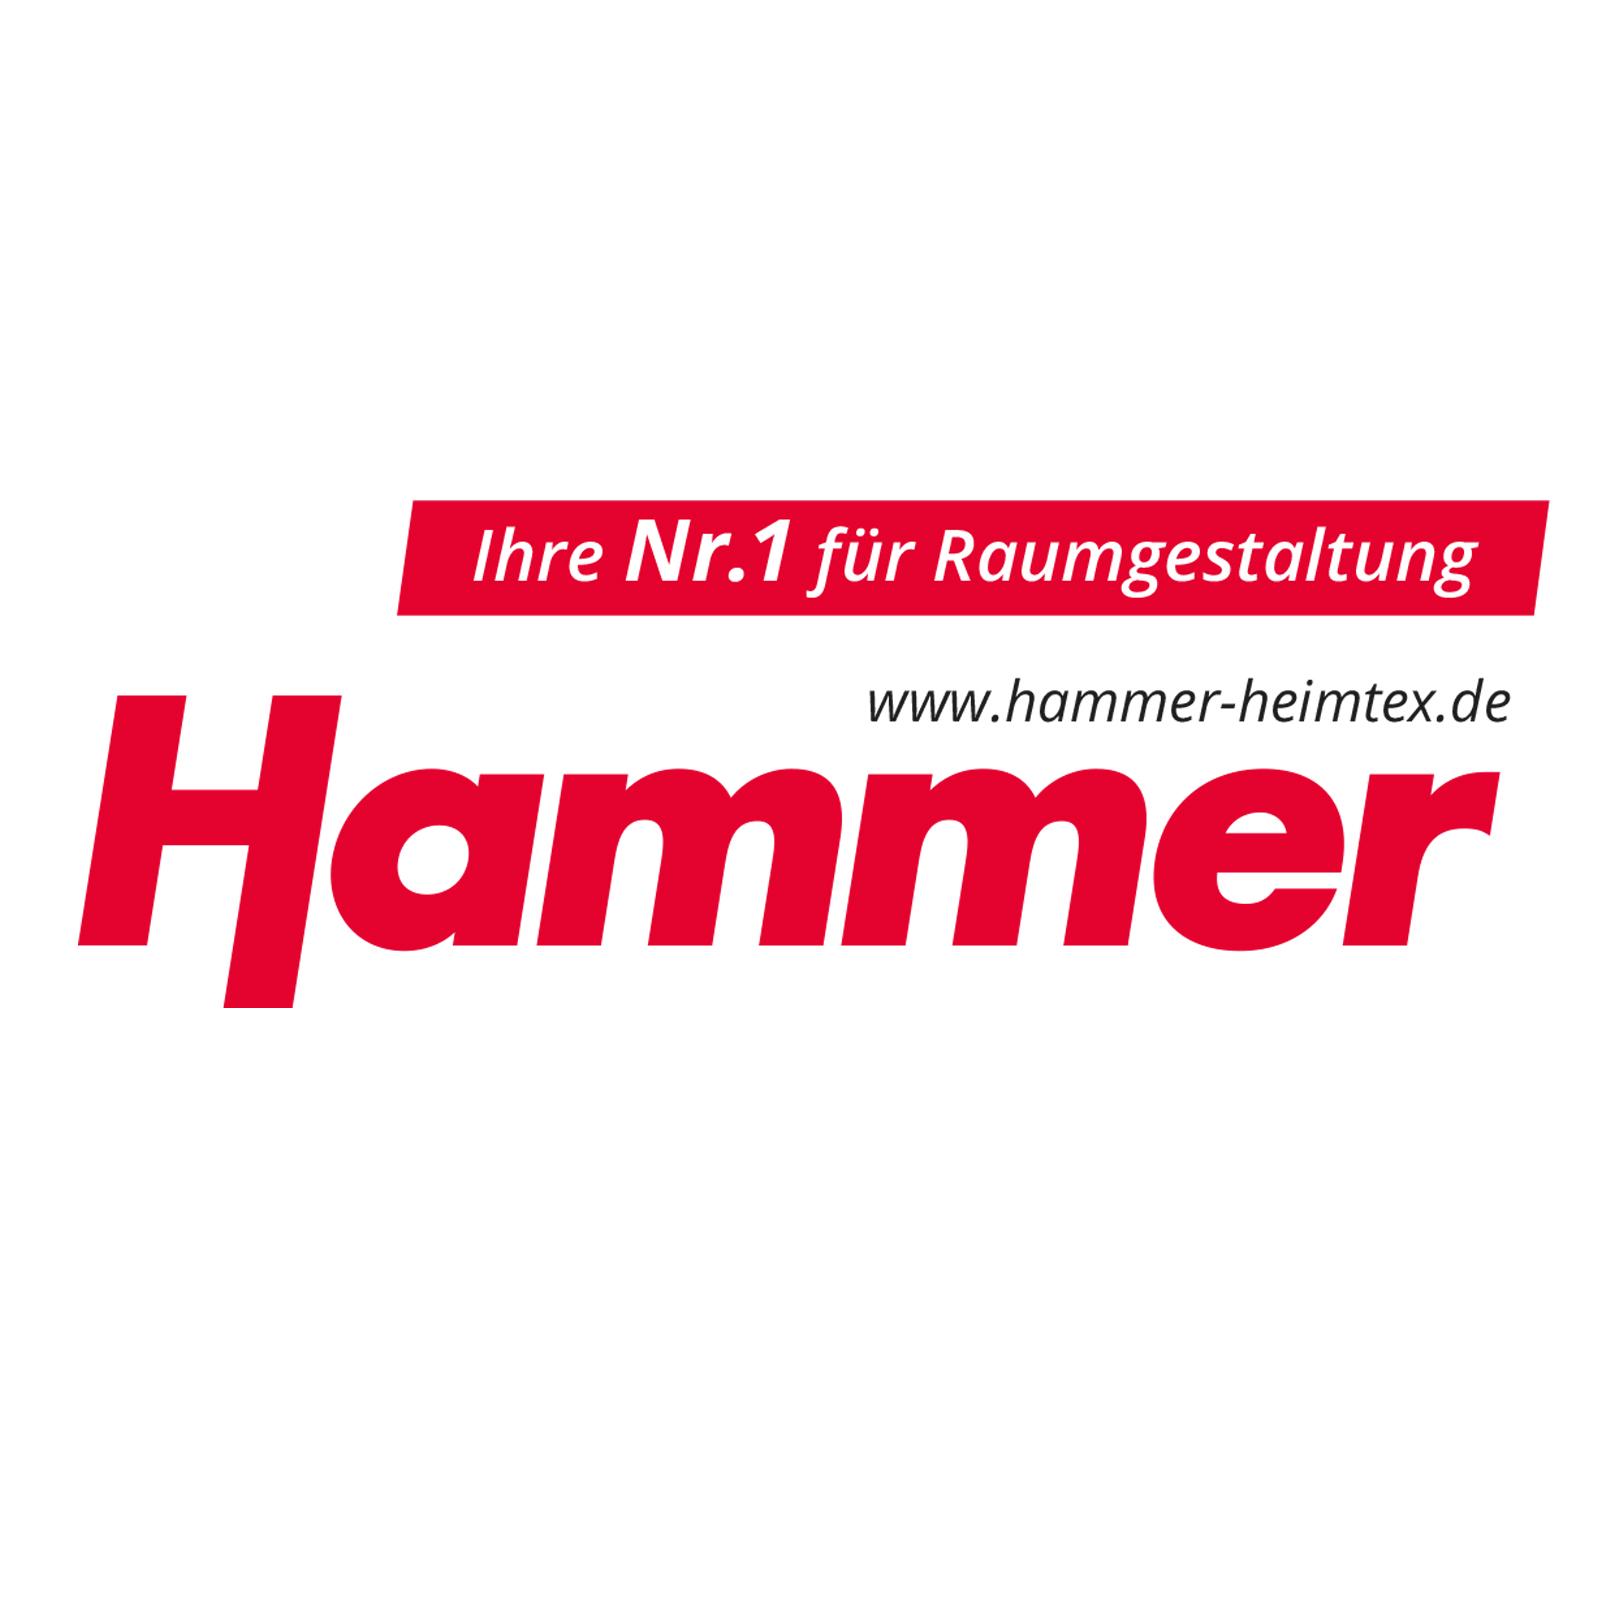 hammer emden